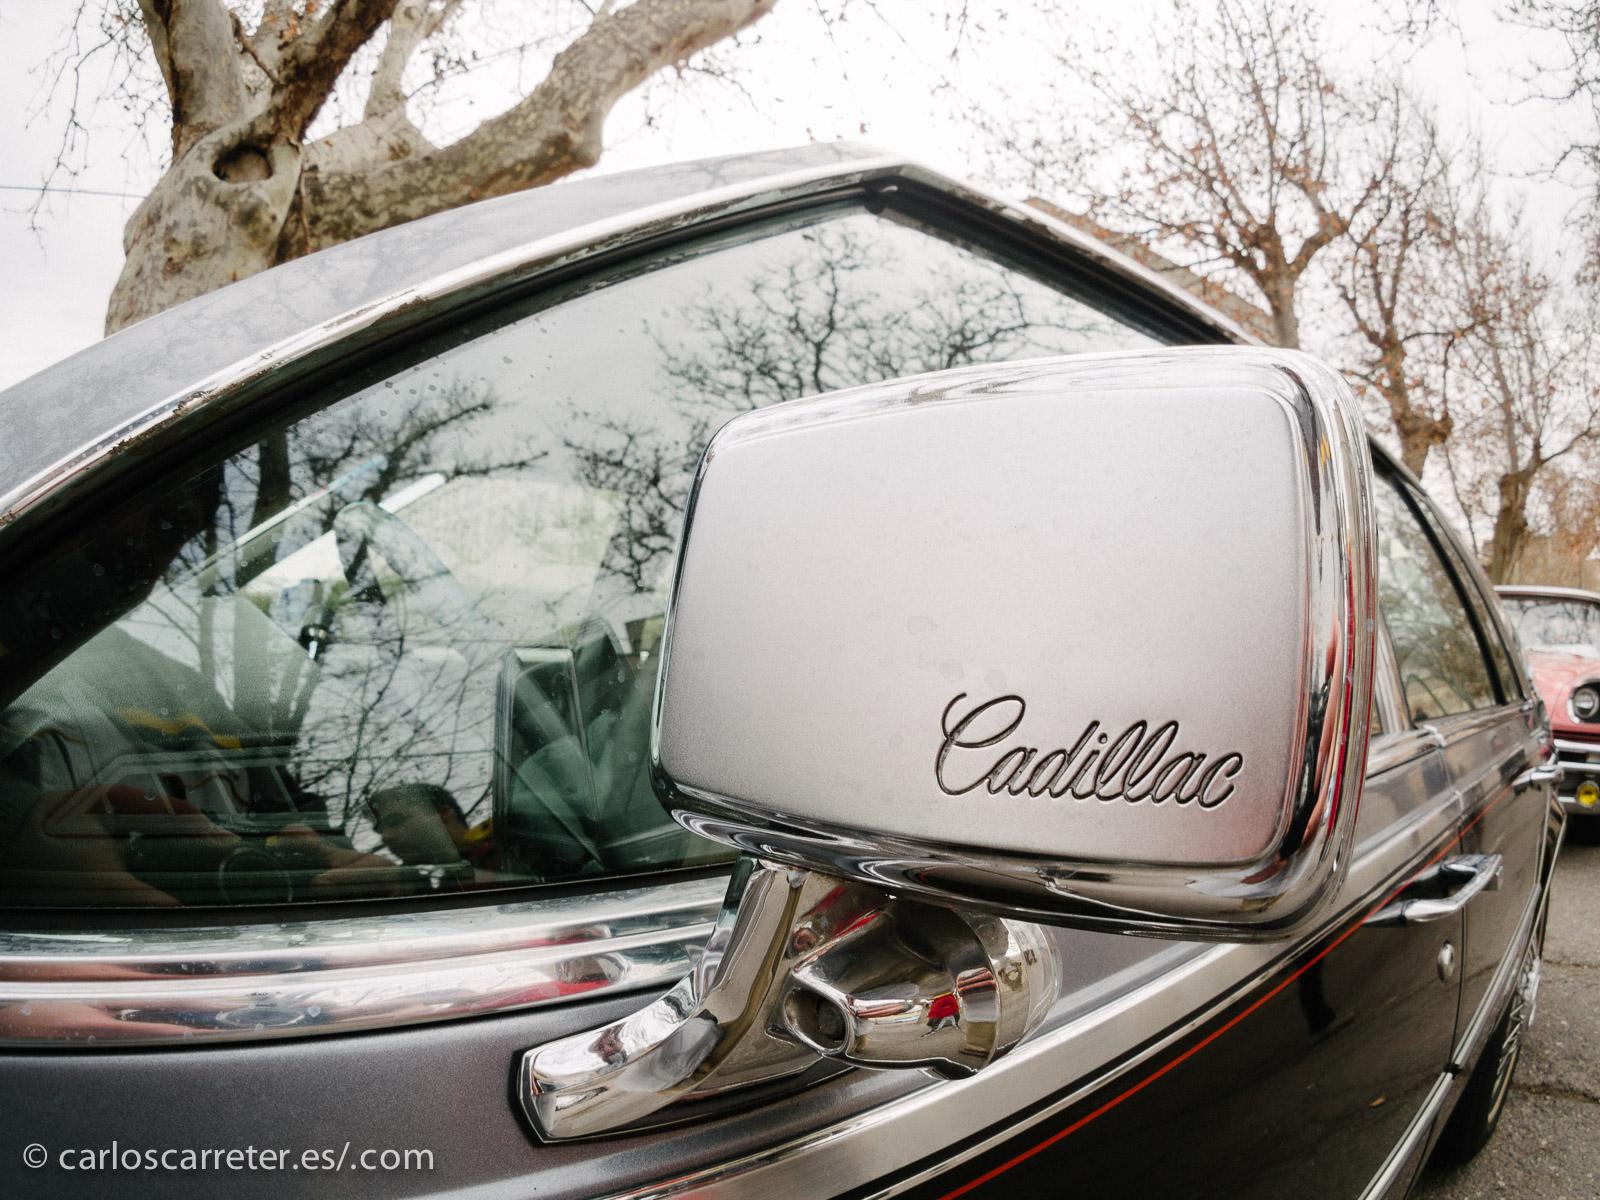 O los retrovisores grabados de los siempre vistosos Cadillac.